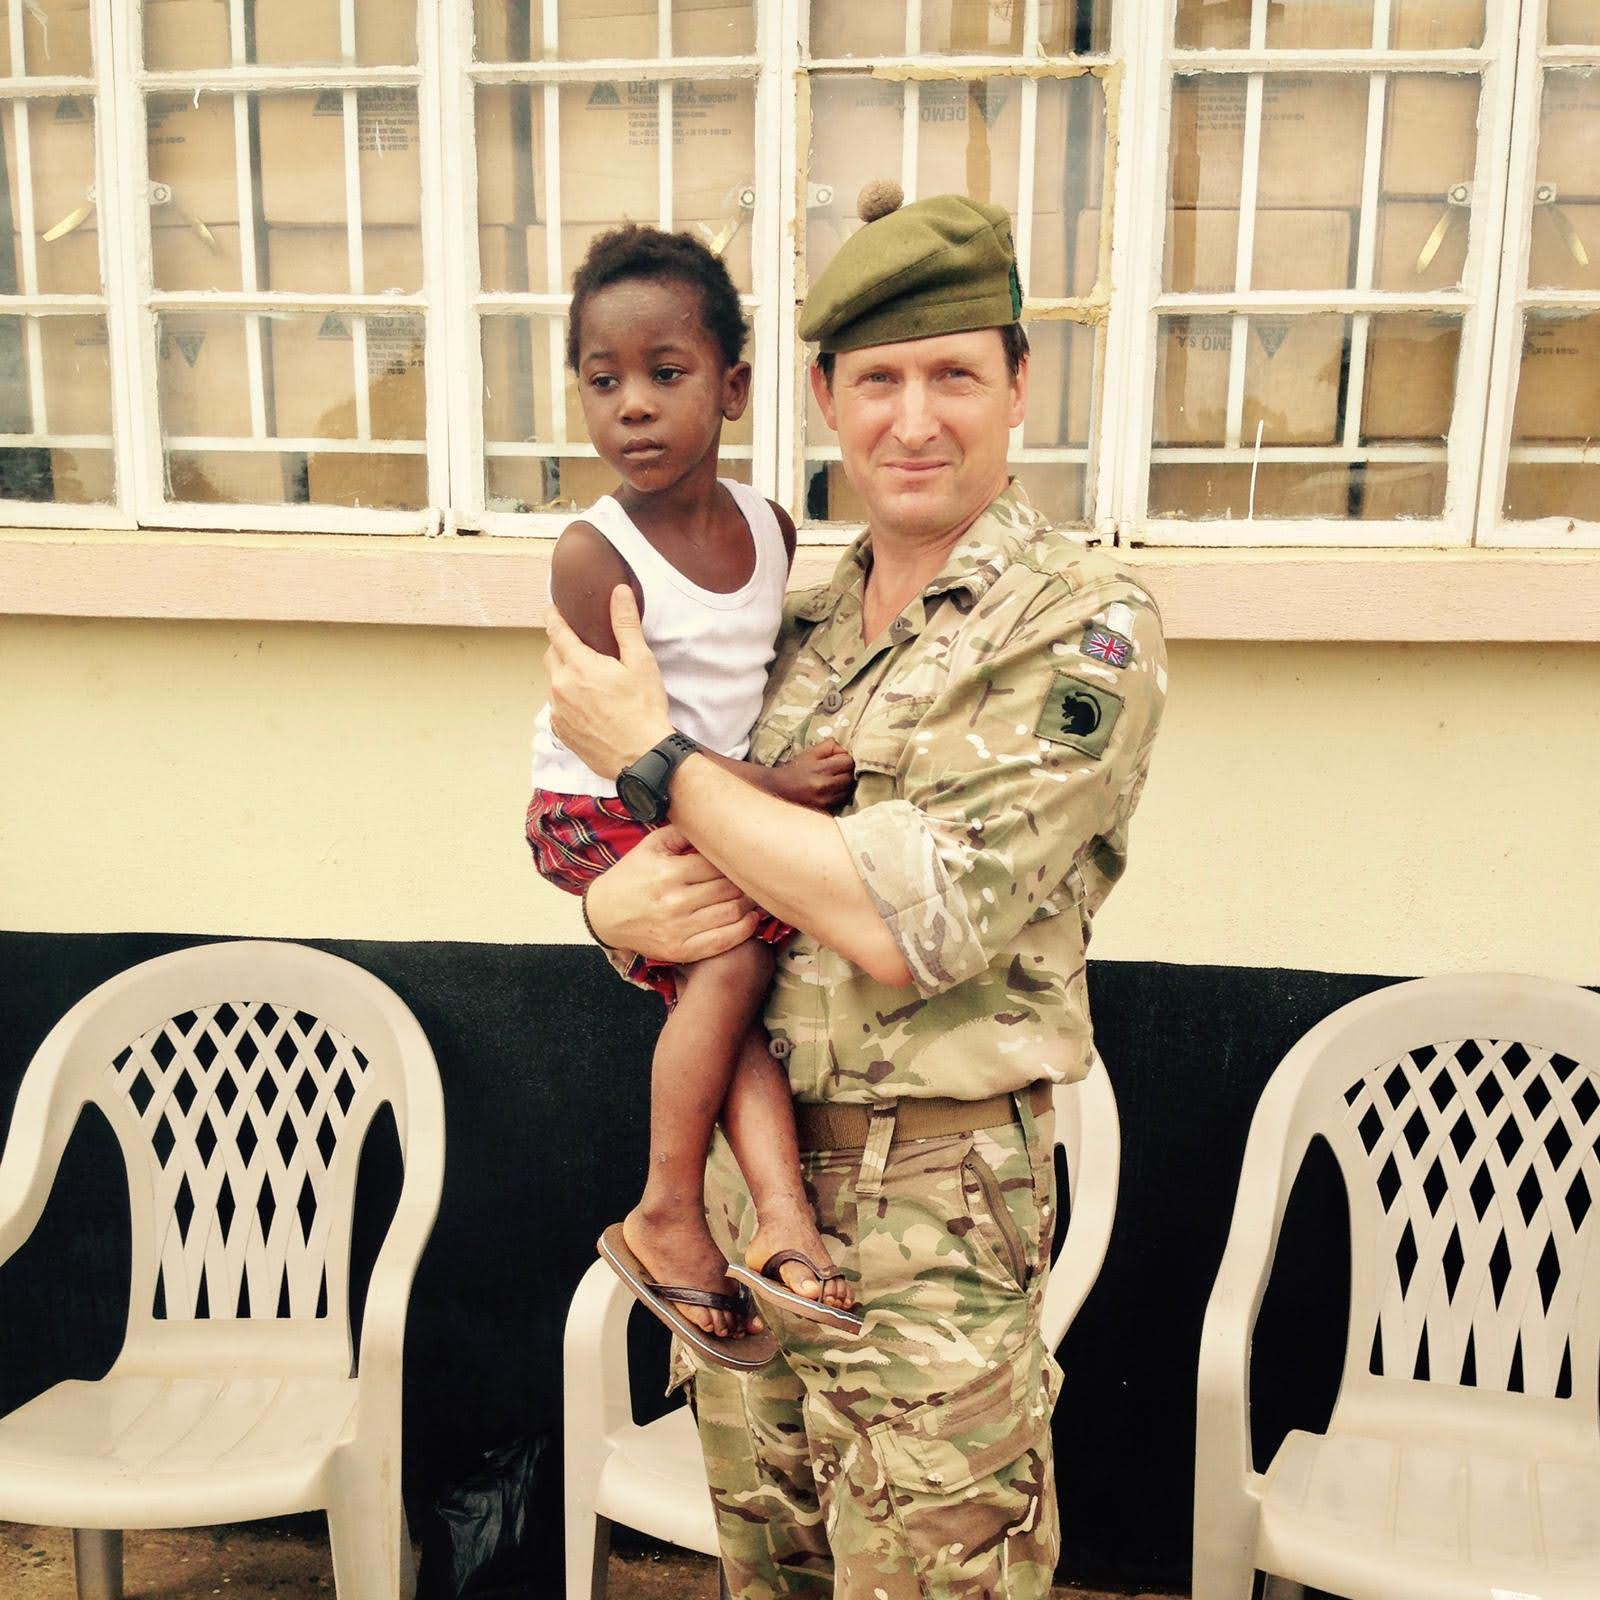 Maj Gen (Retd) Herbert with Child in Sierra Leone